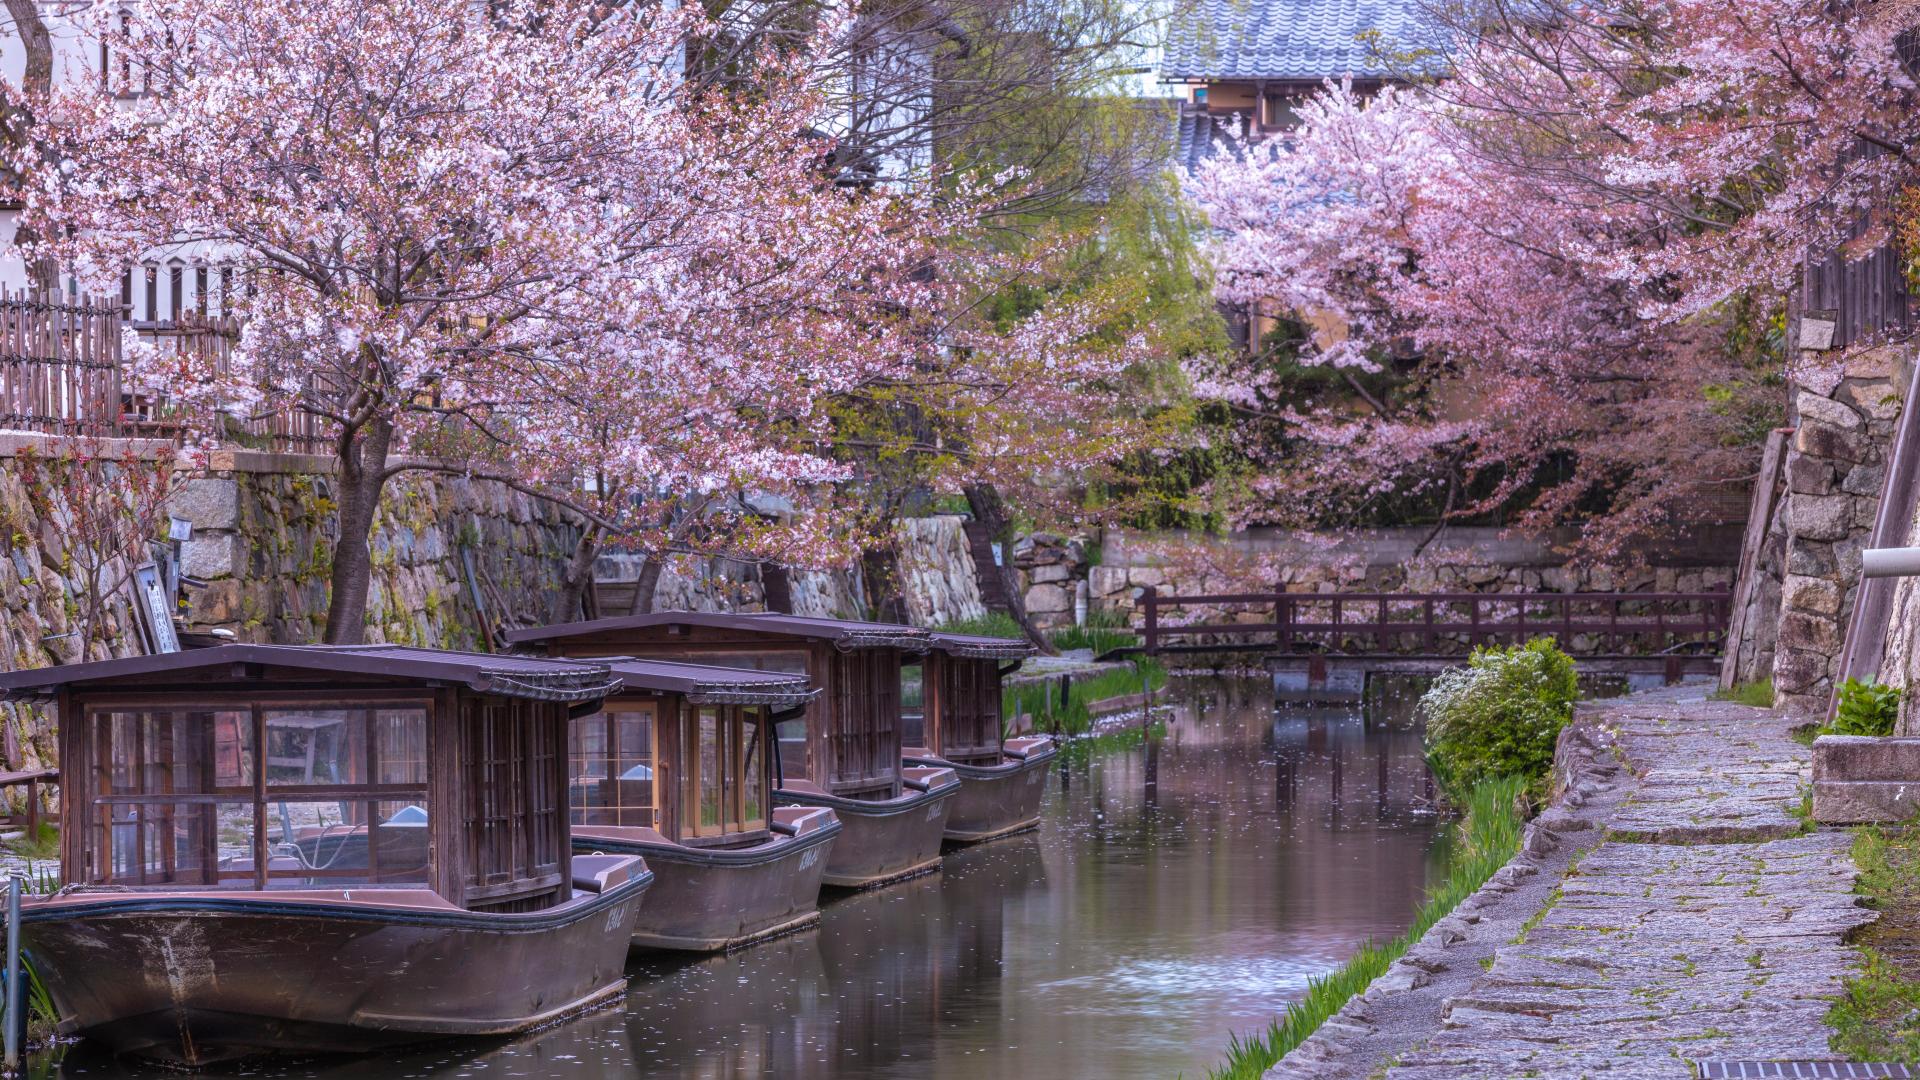 3900205_m 滋賀県  近江八幡 八幡堀(桜と和舟の景色に日本の風情を感じる春におすすめの桜スポット! 写真の紹介、アクセス情報や駐車場情報など)